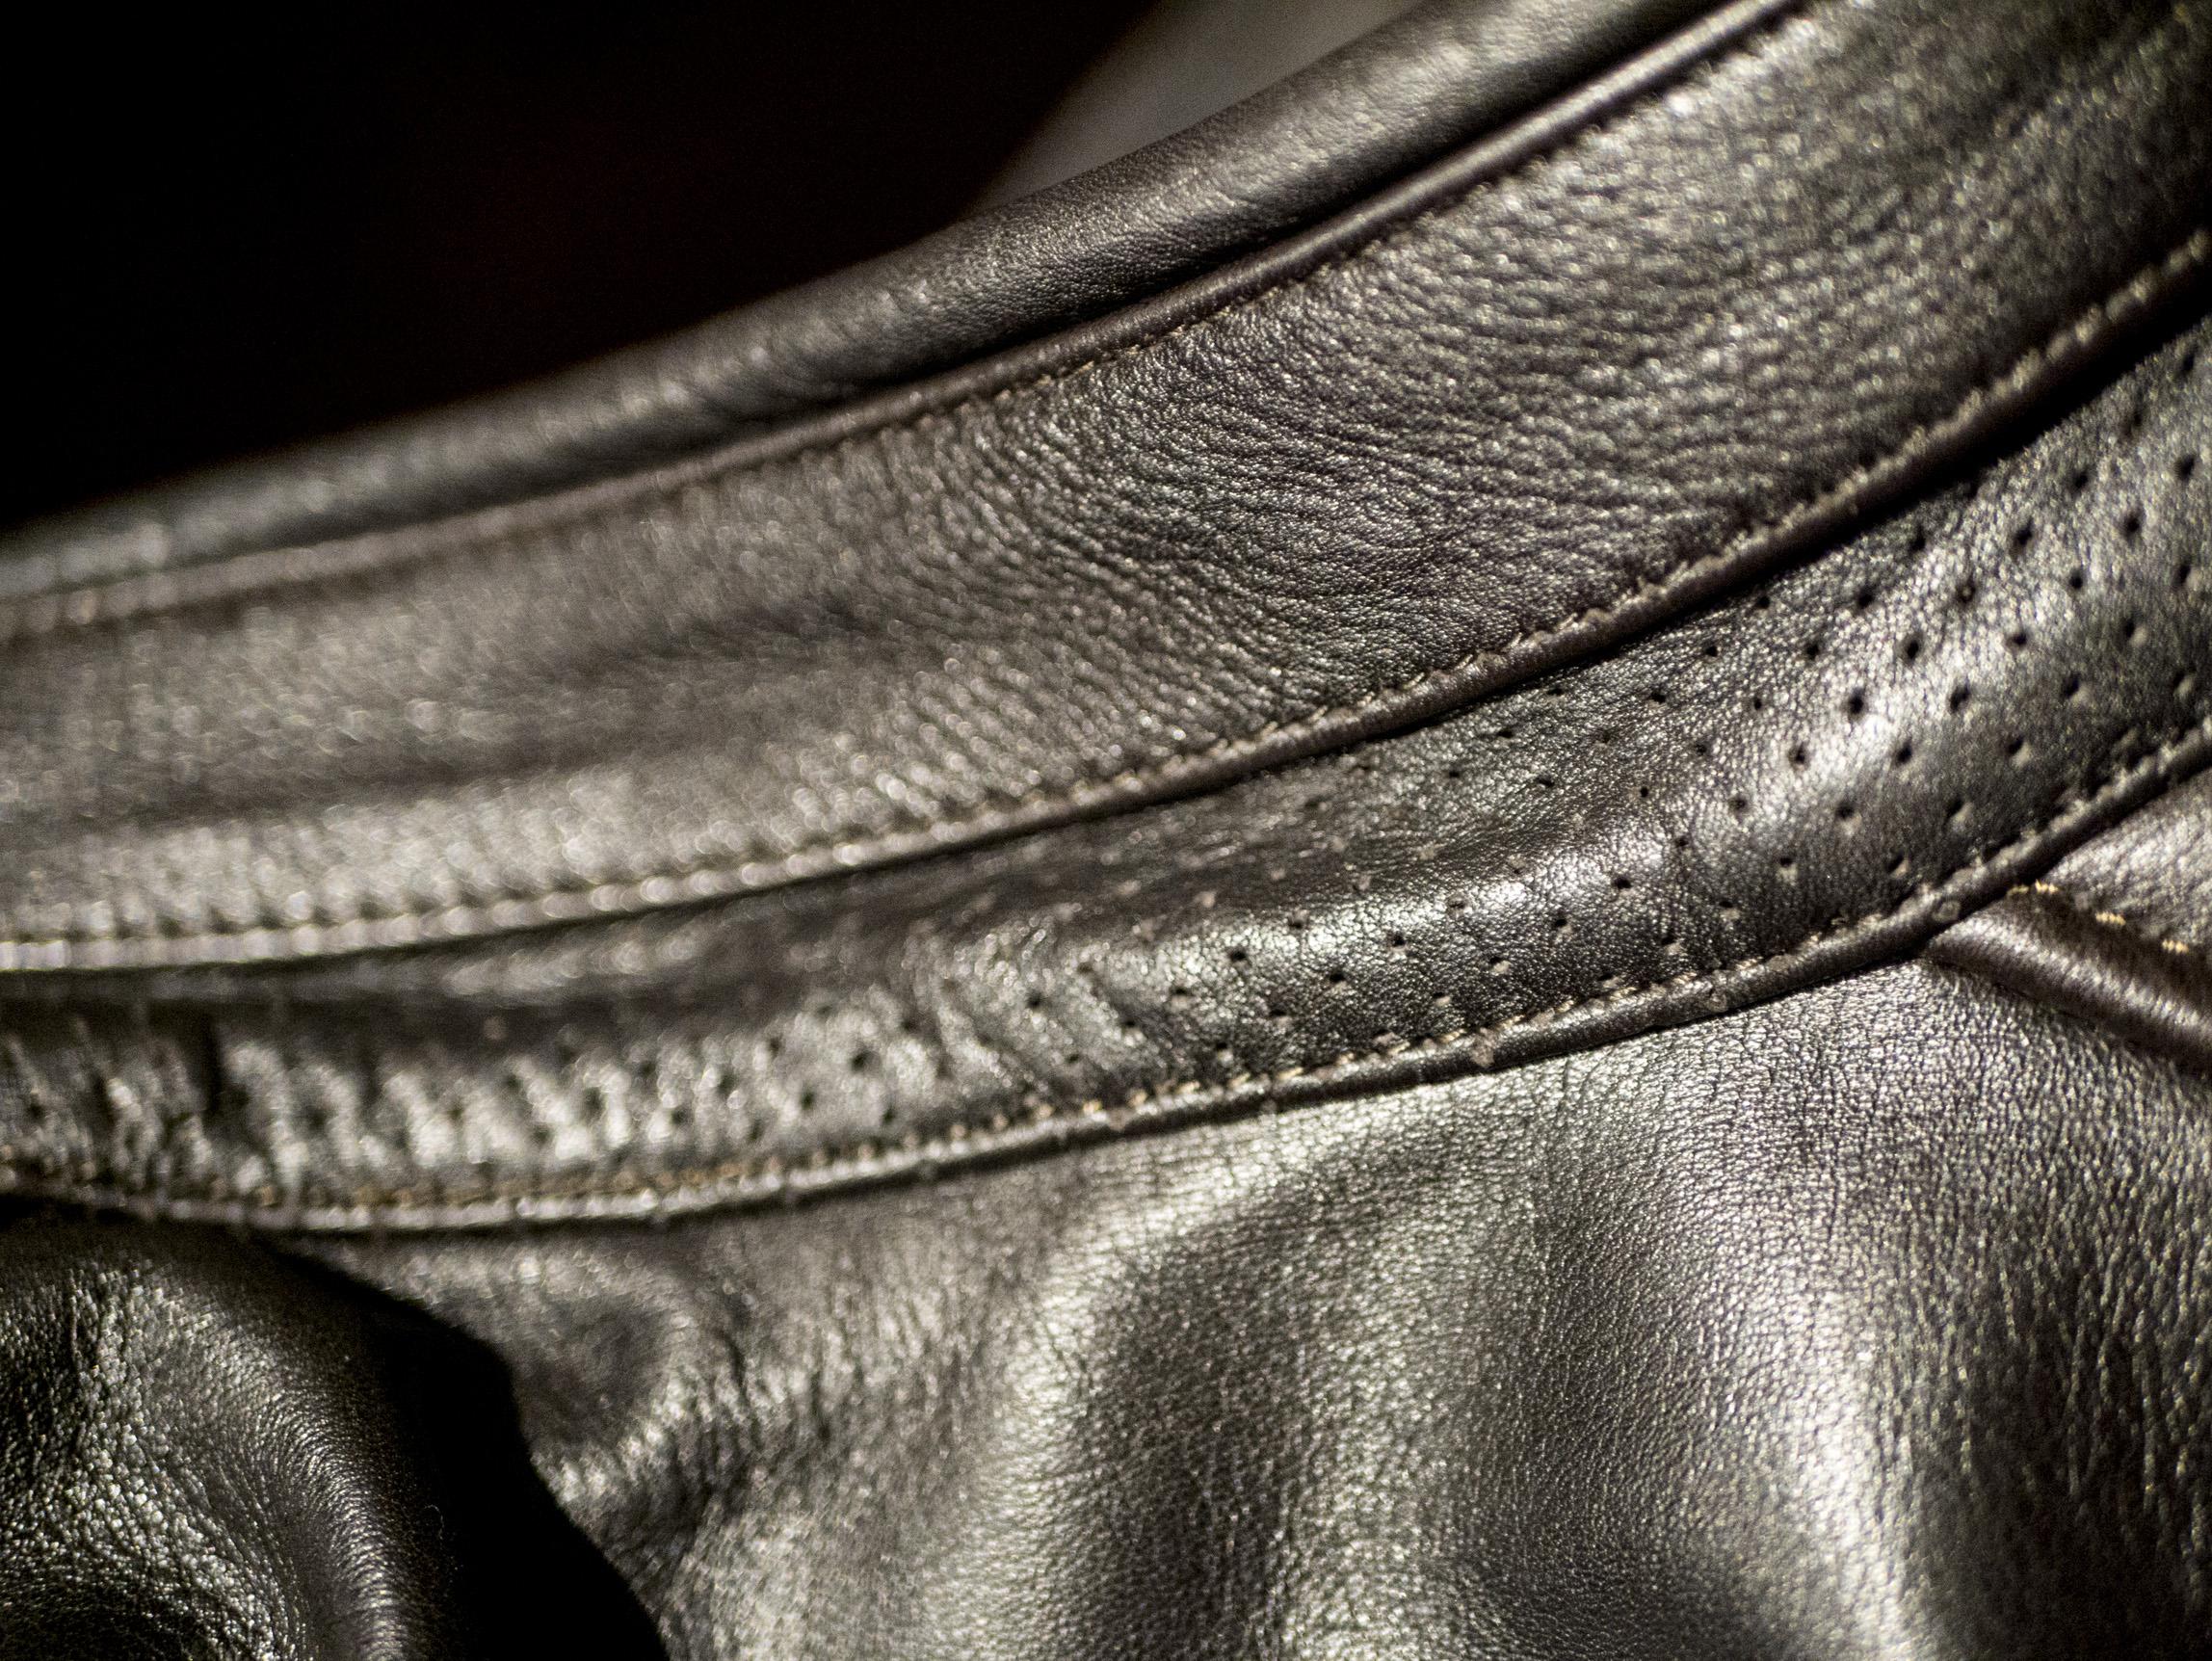 Cuir microperforé du cuir Helstsons Benji Fender